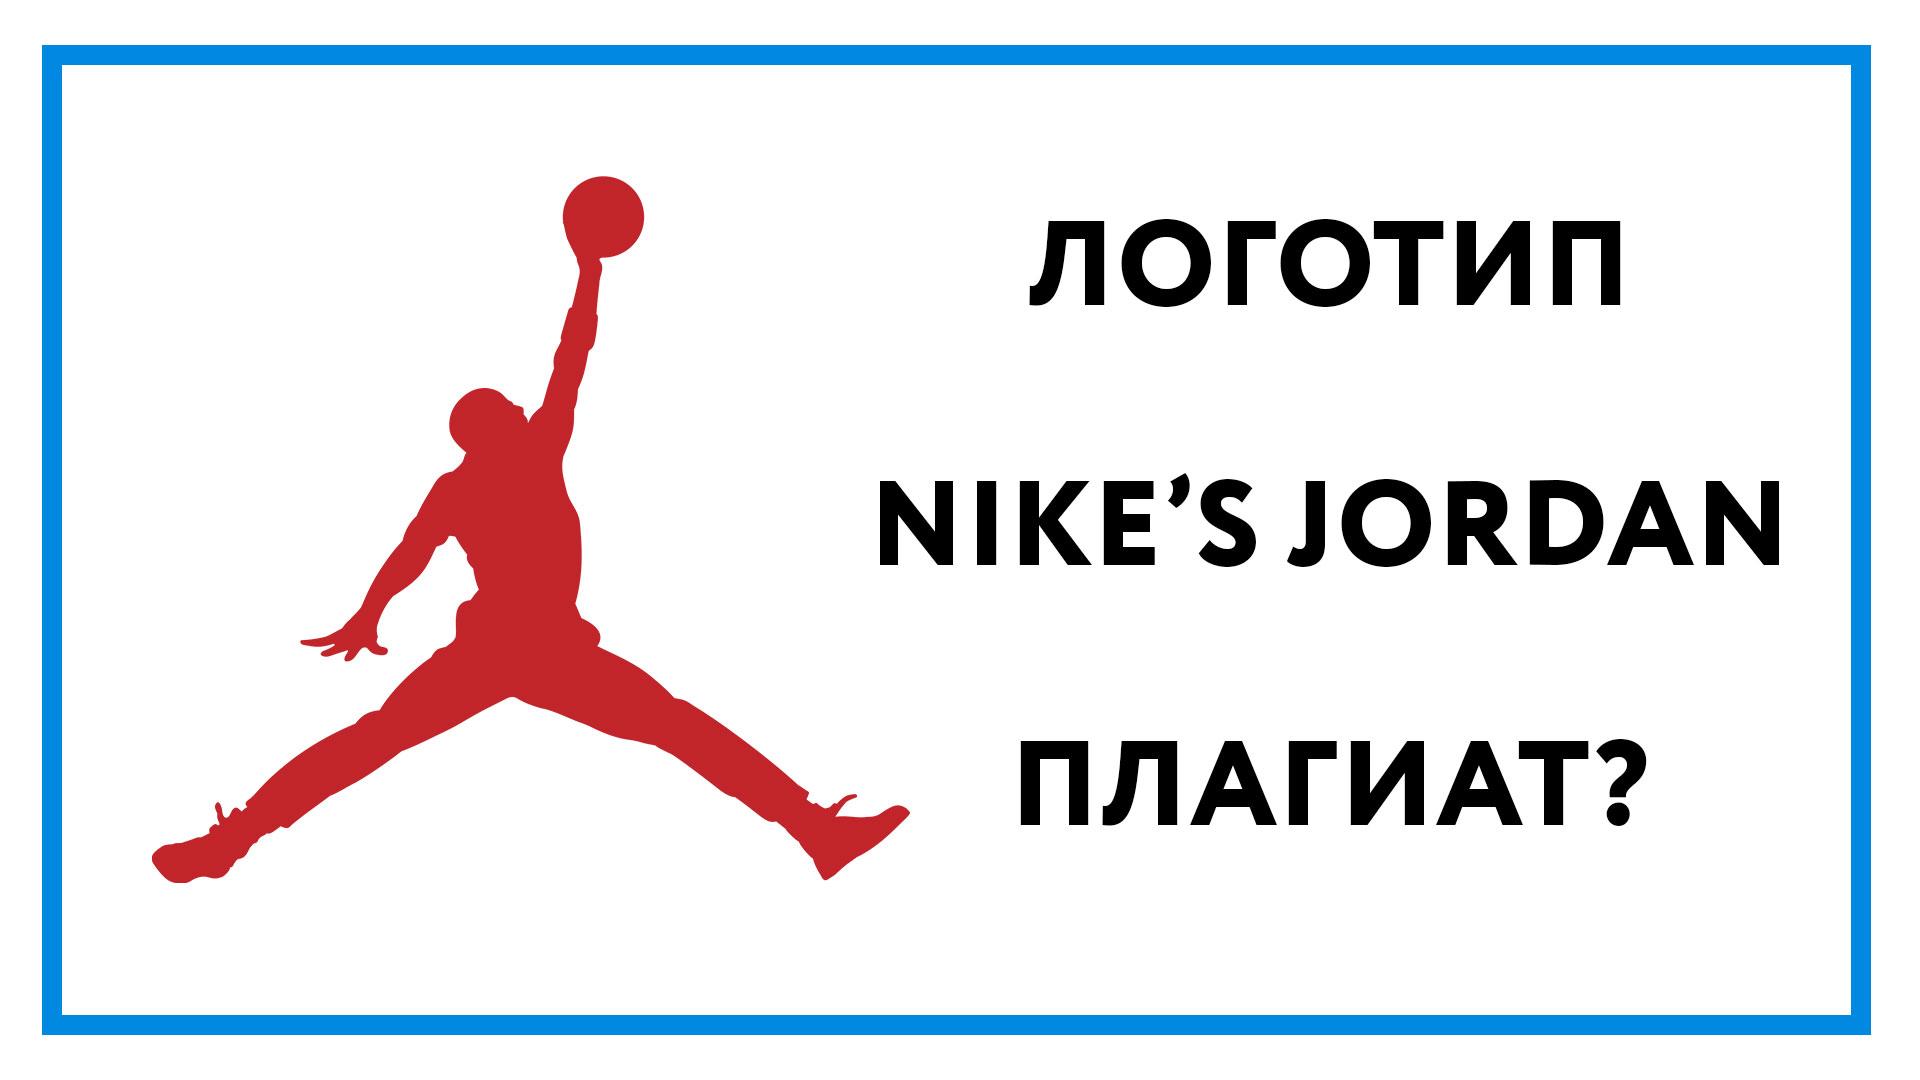 логотип-nike.jpg